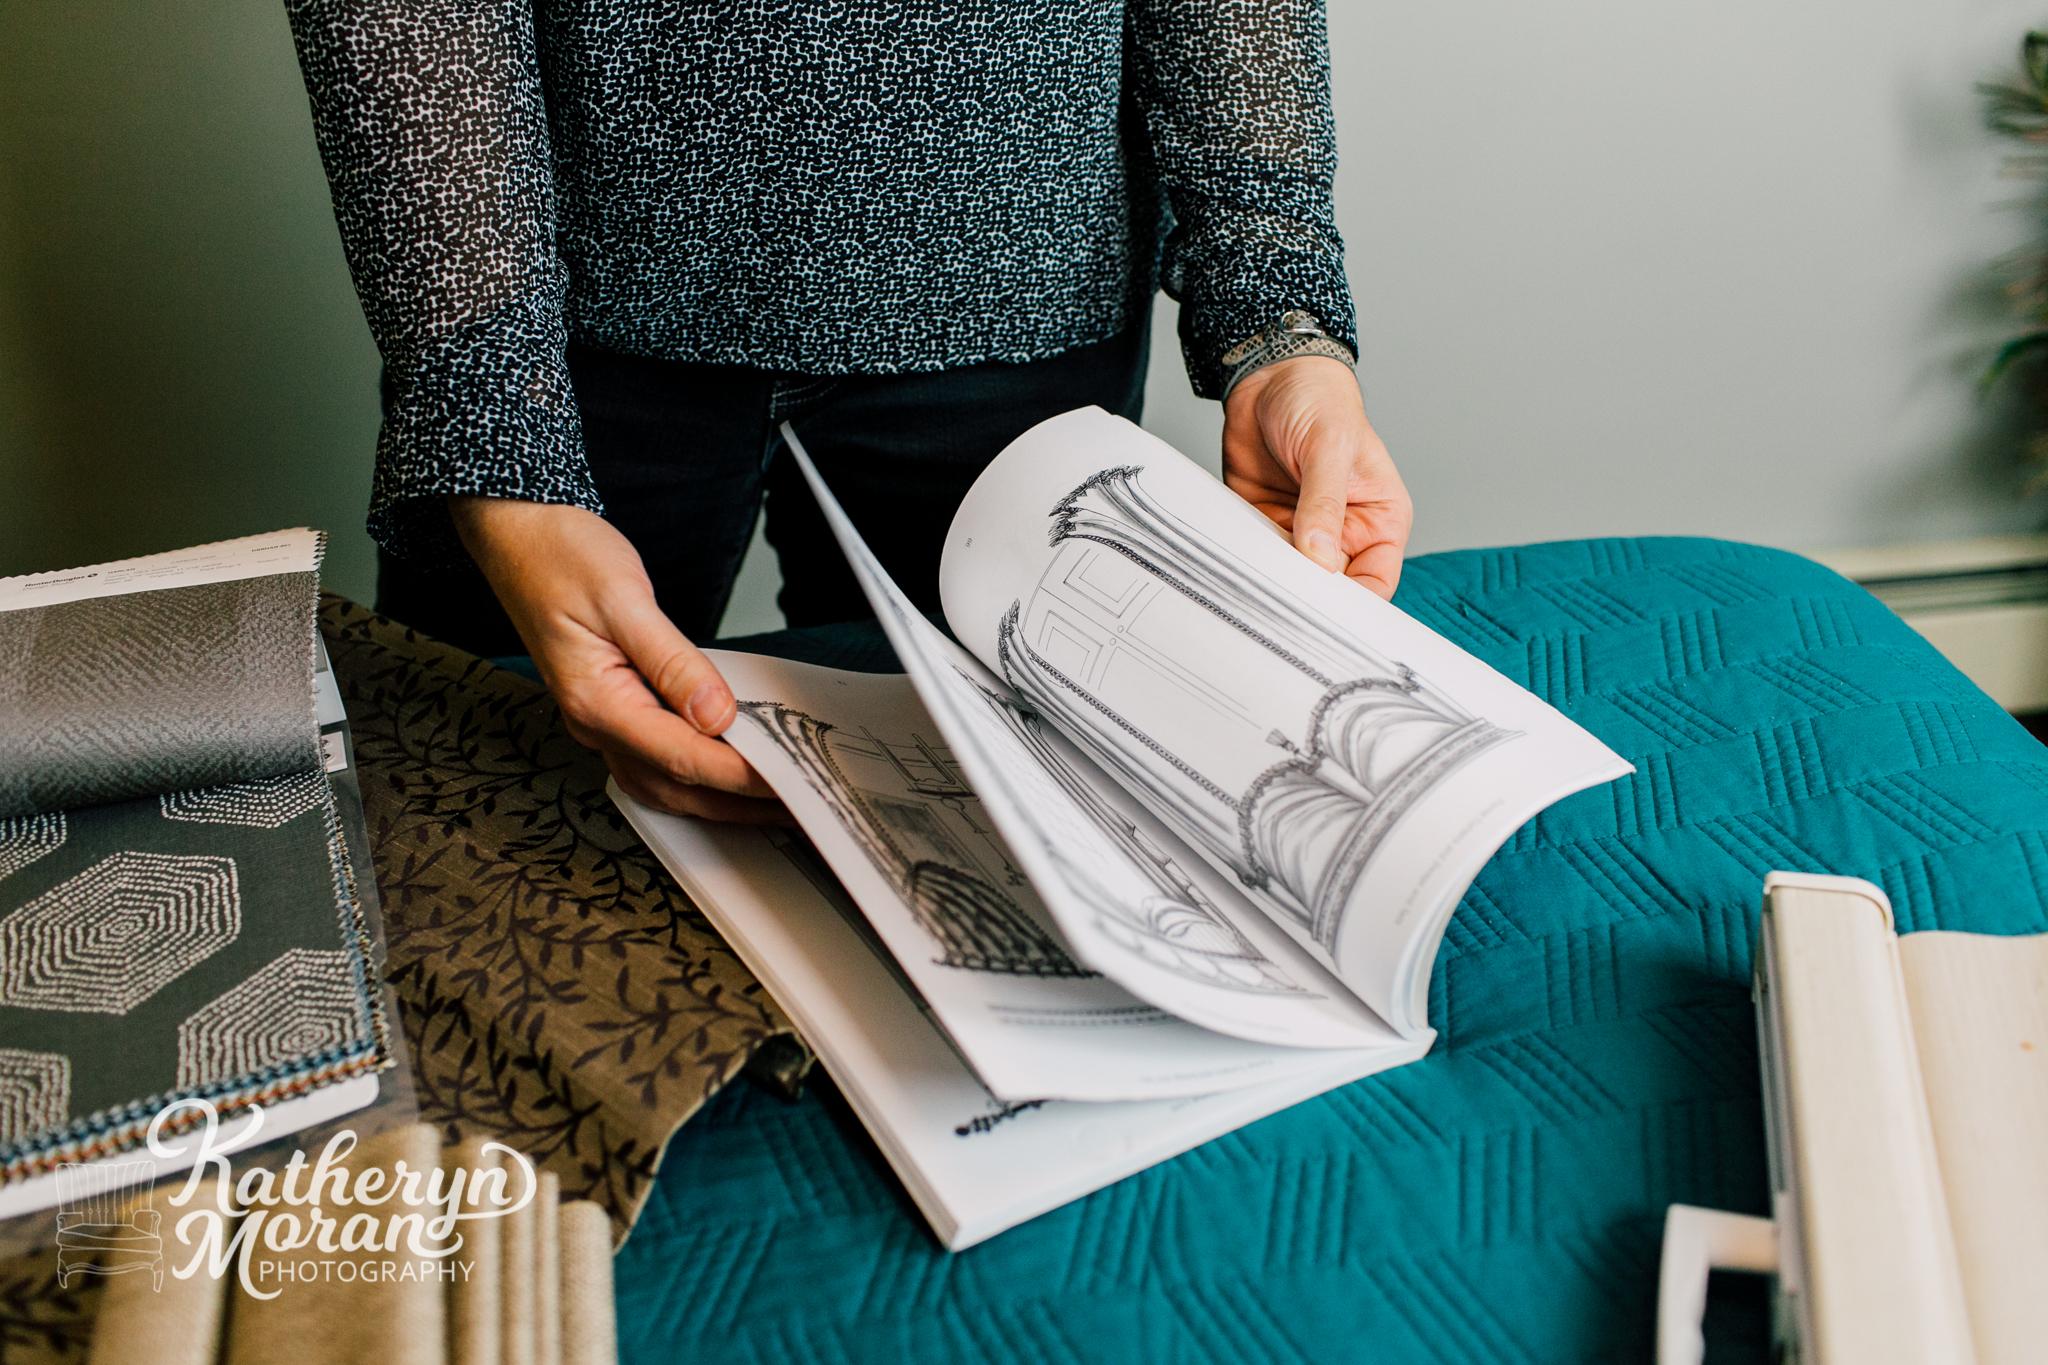 bellingham-interior-design-photographer-katheryn-moran-1.jpg